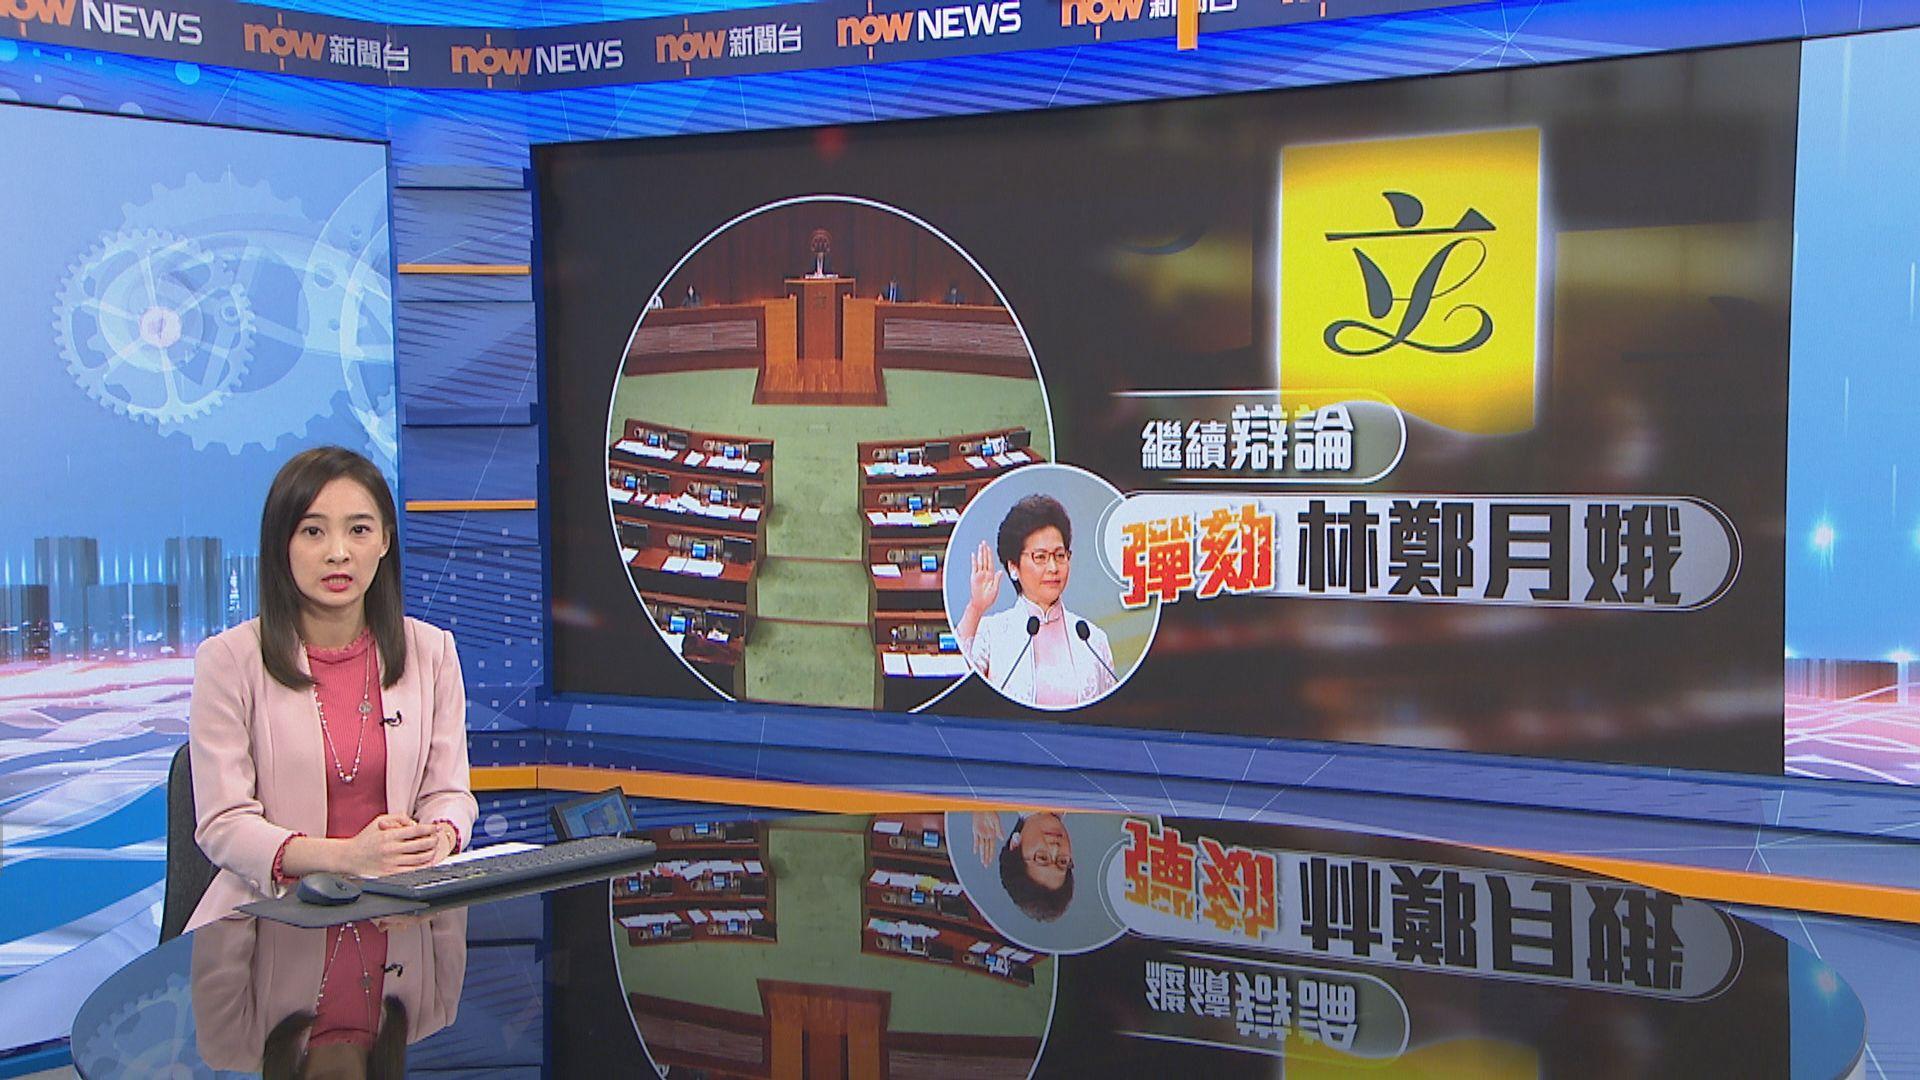 彈劾議案 民主派批林鄭無聆聽民意縱容警暴